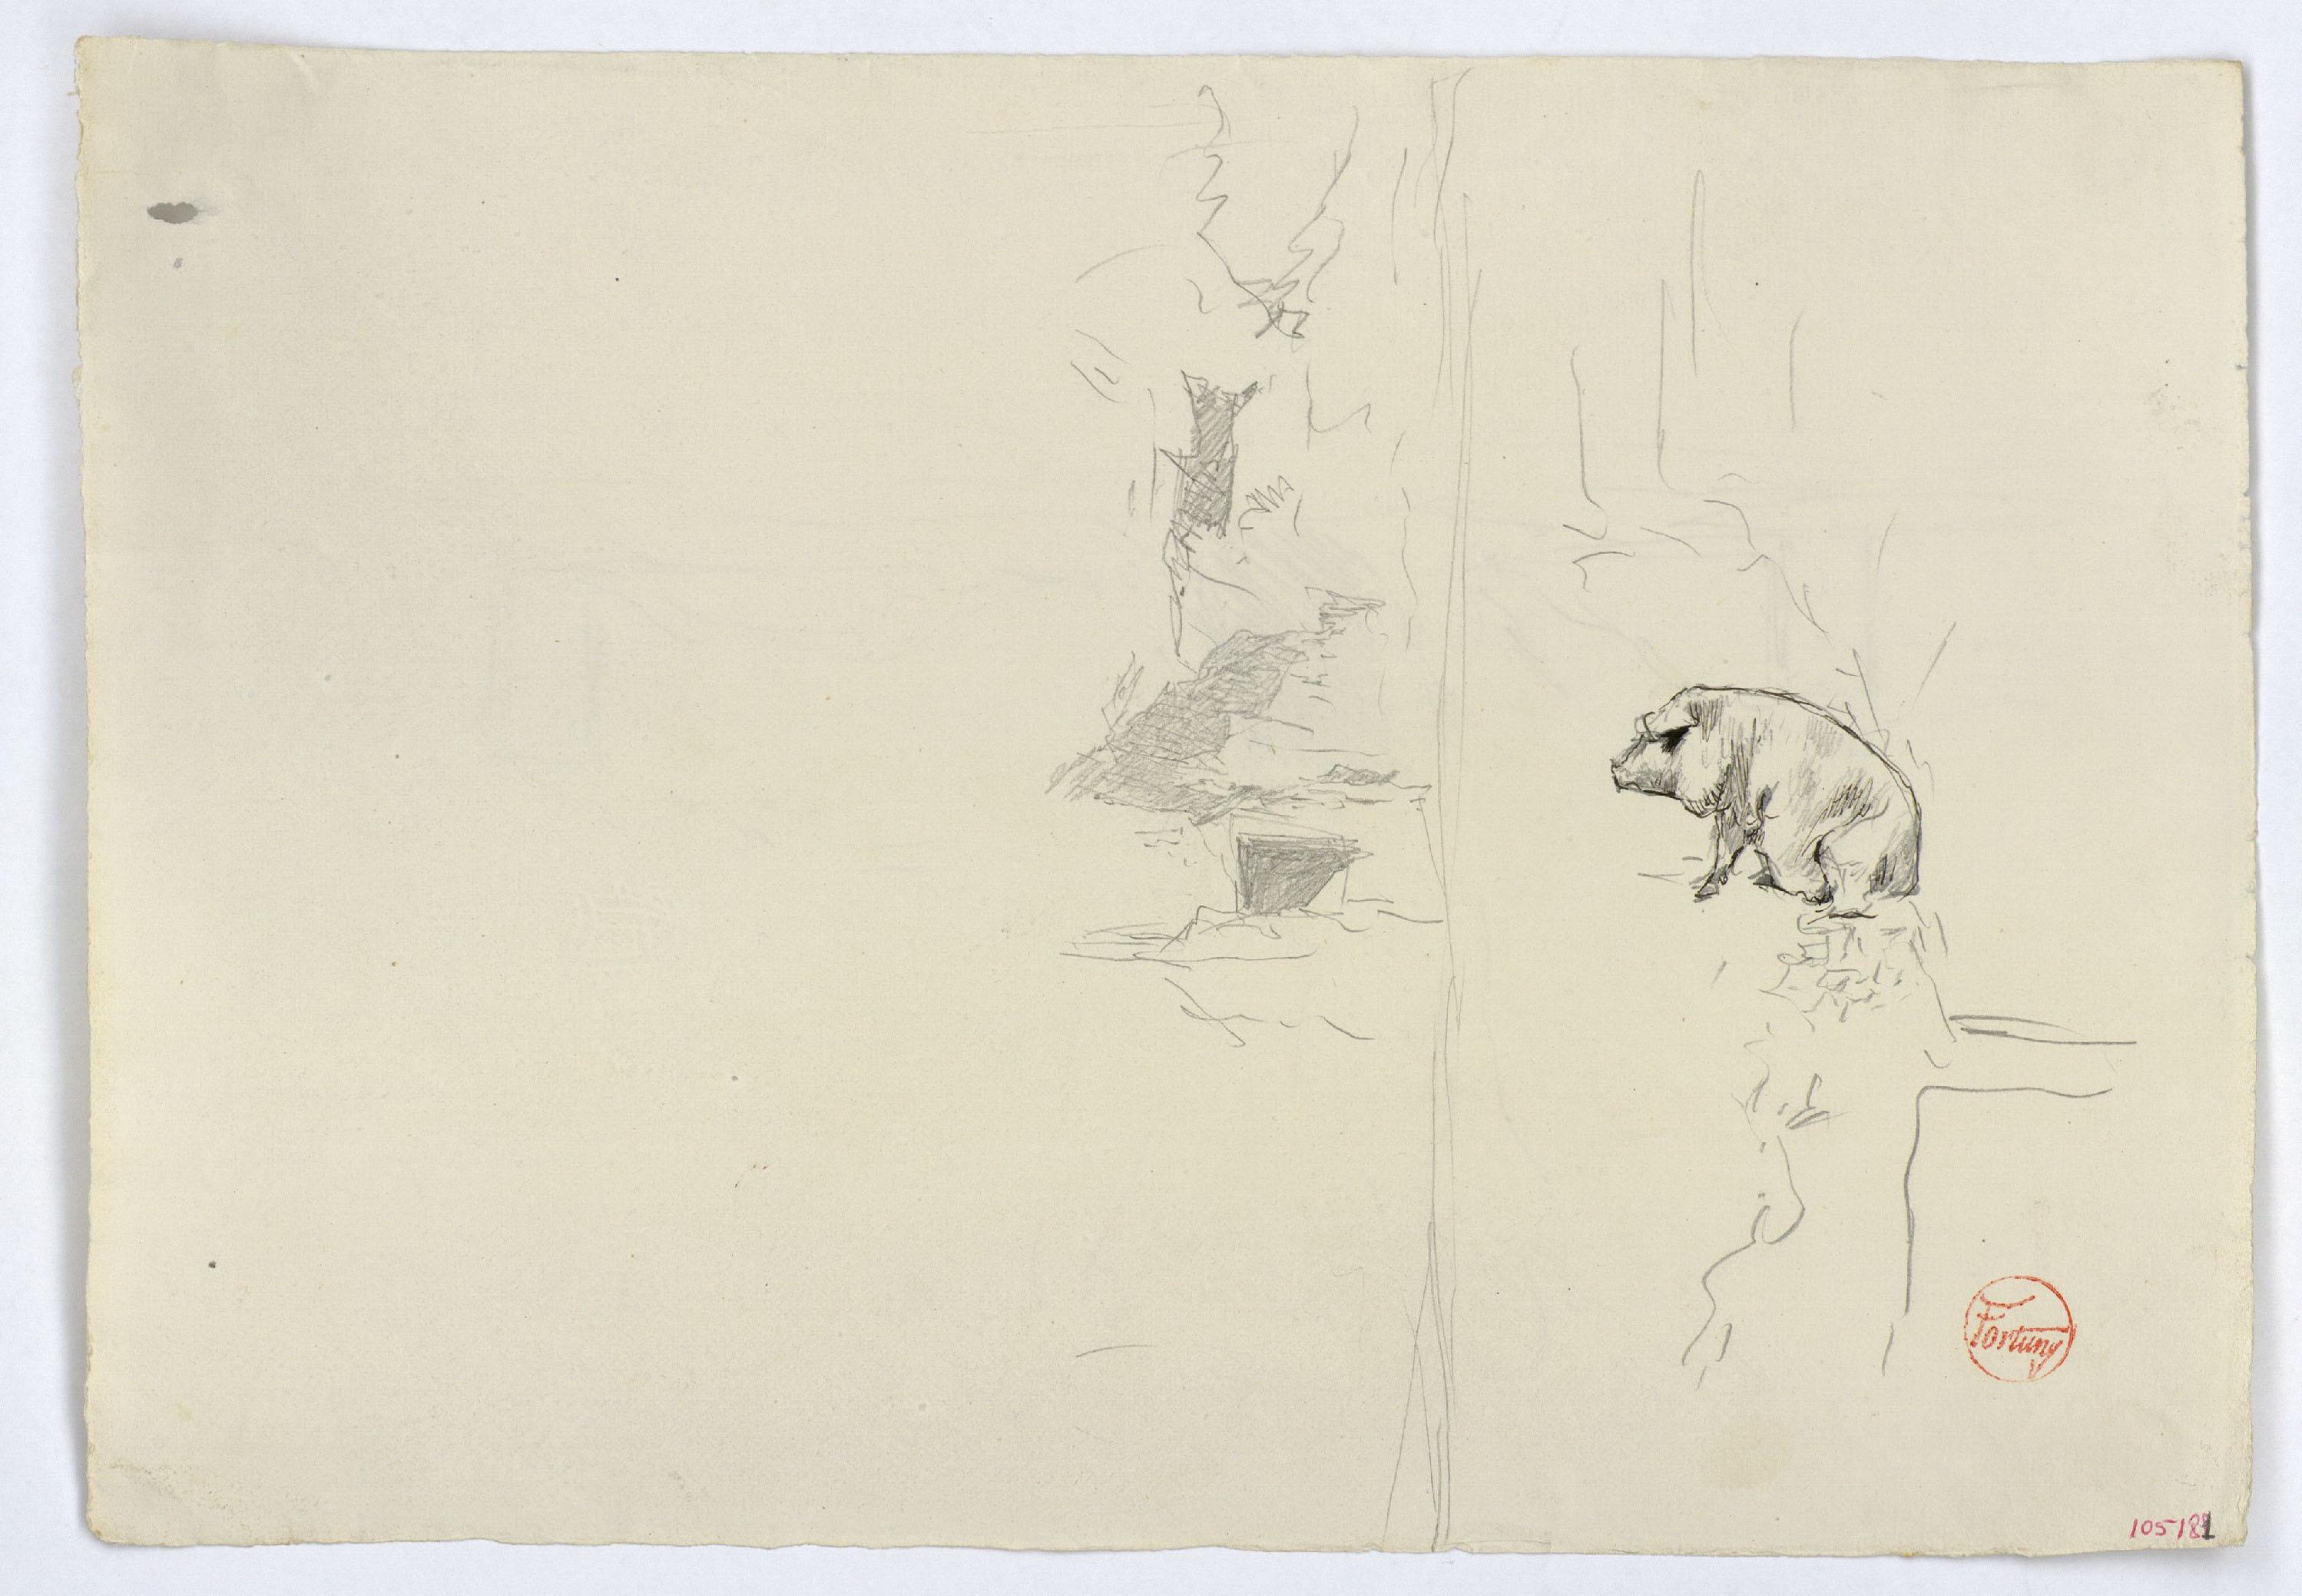 Marià Fortuny - Estudi per al quadre «Els porcs» (anvers) / Croquis inconcret (revers) - Cap a 1872